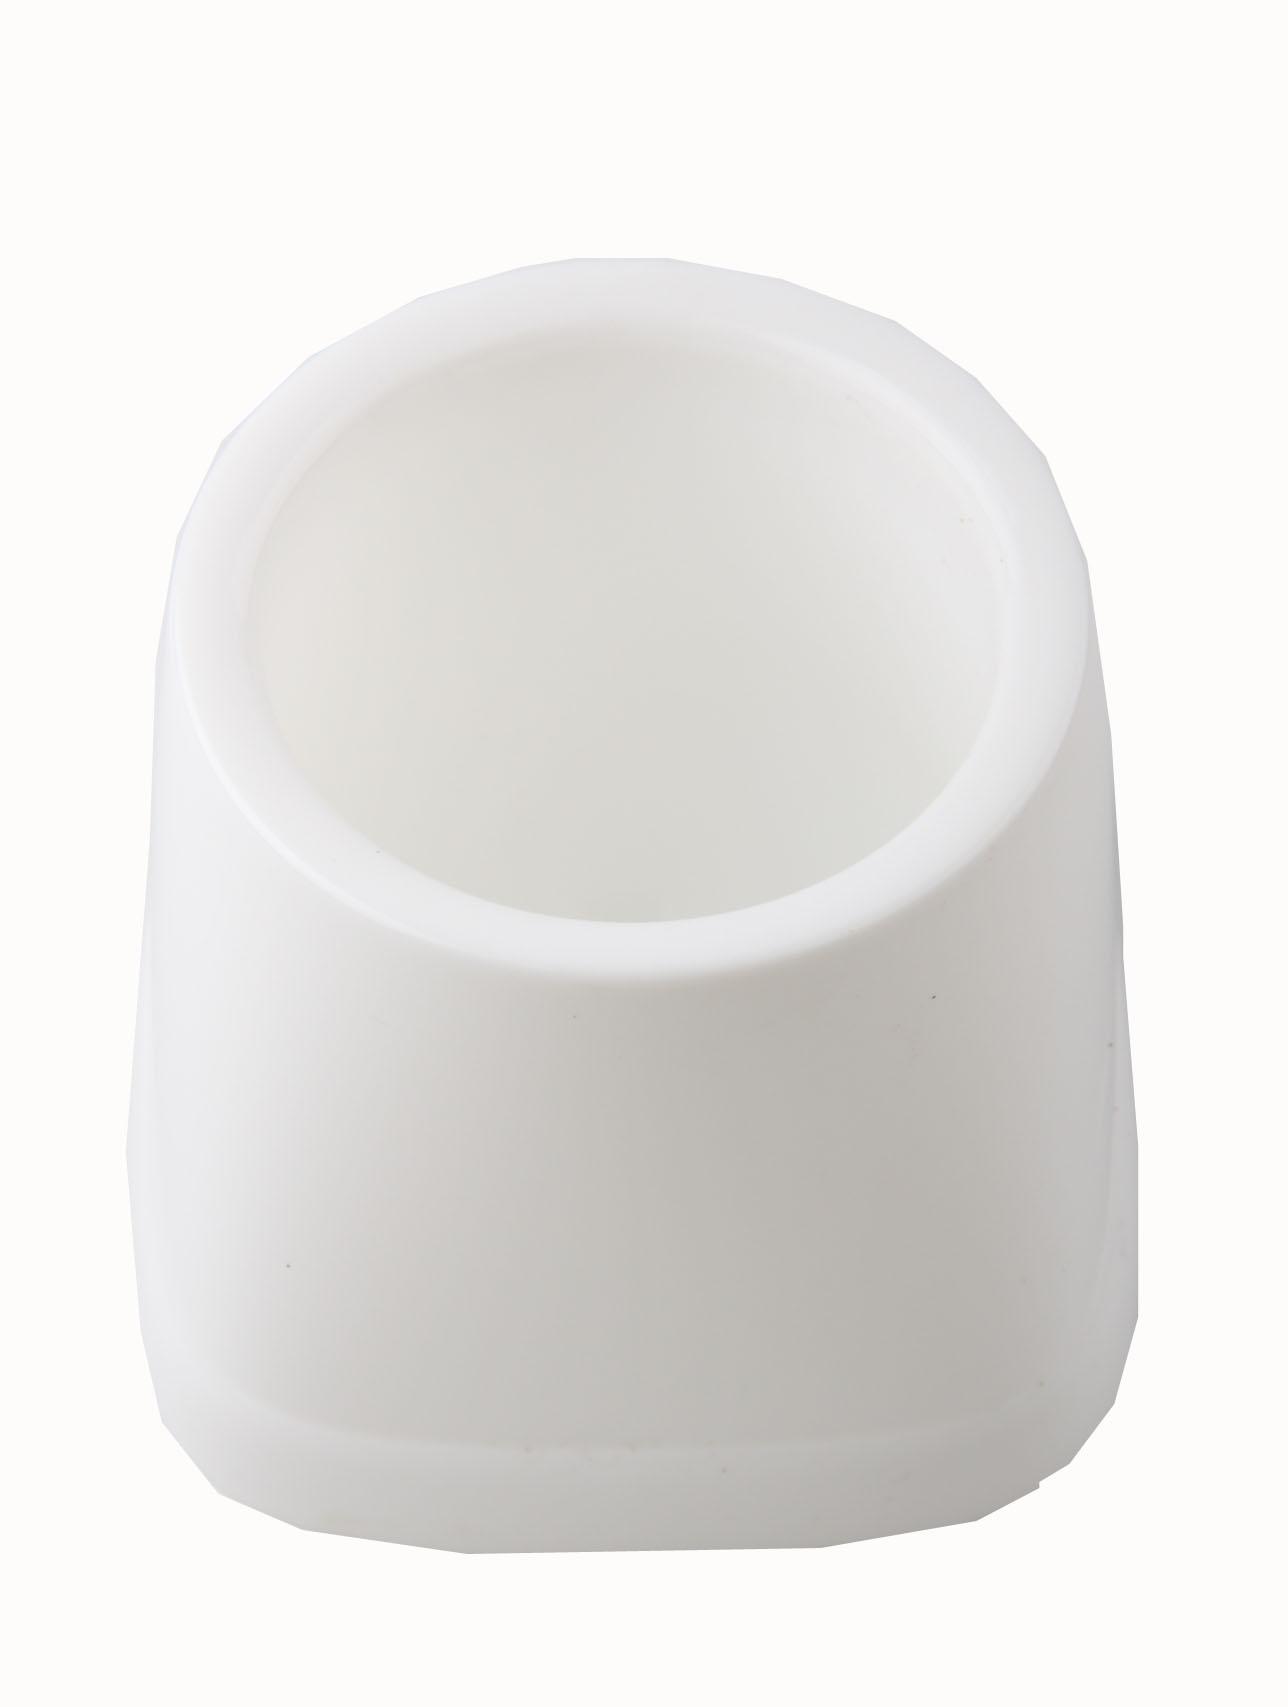 Topf für WC-Garnituren, weiß